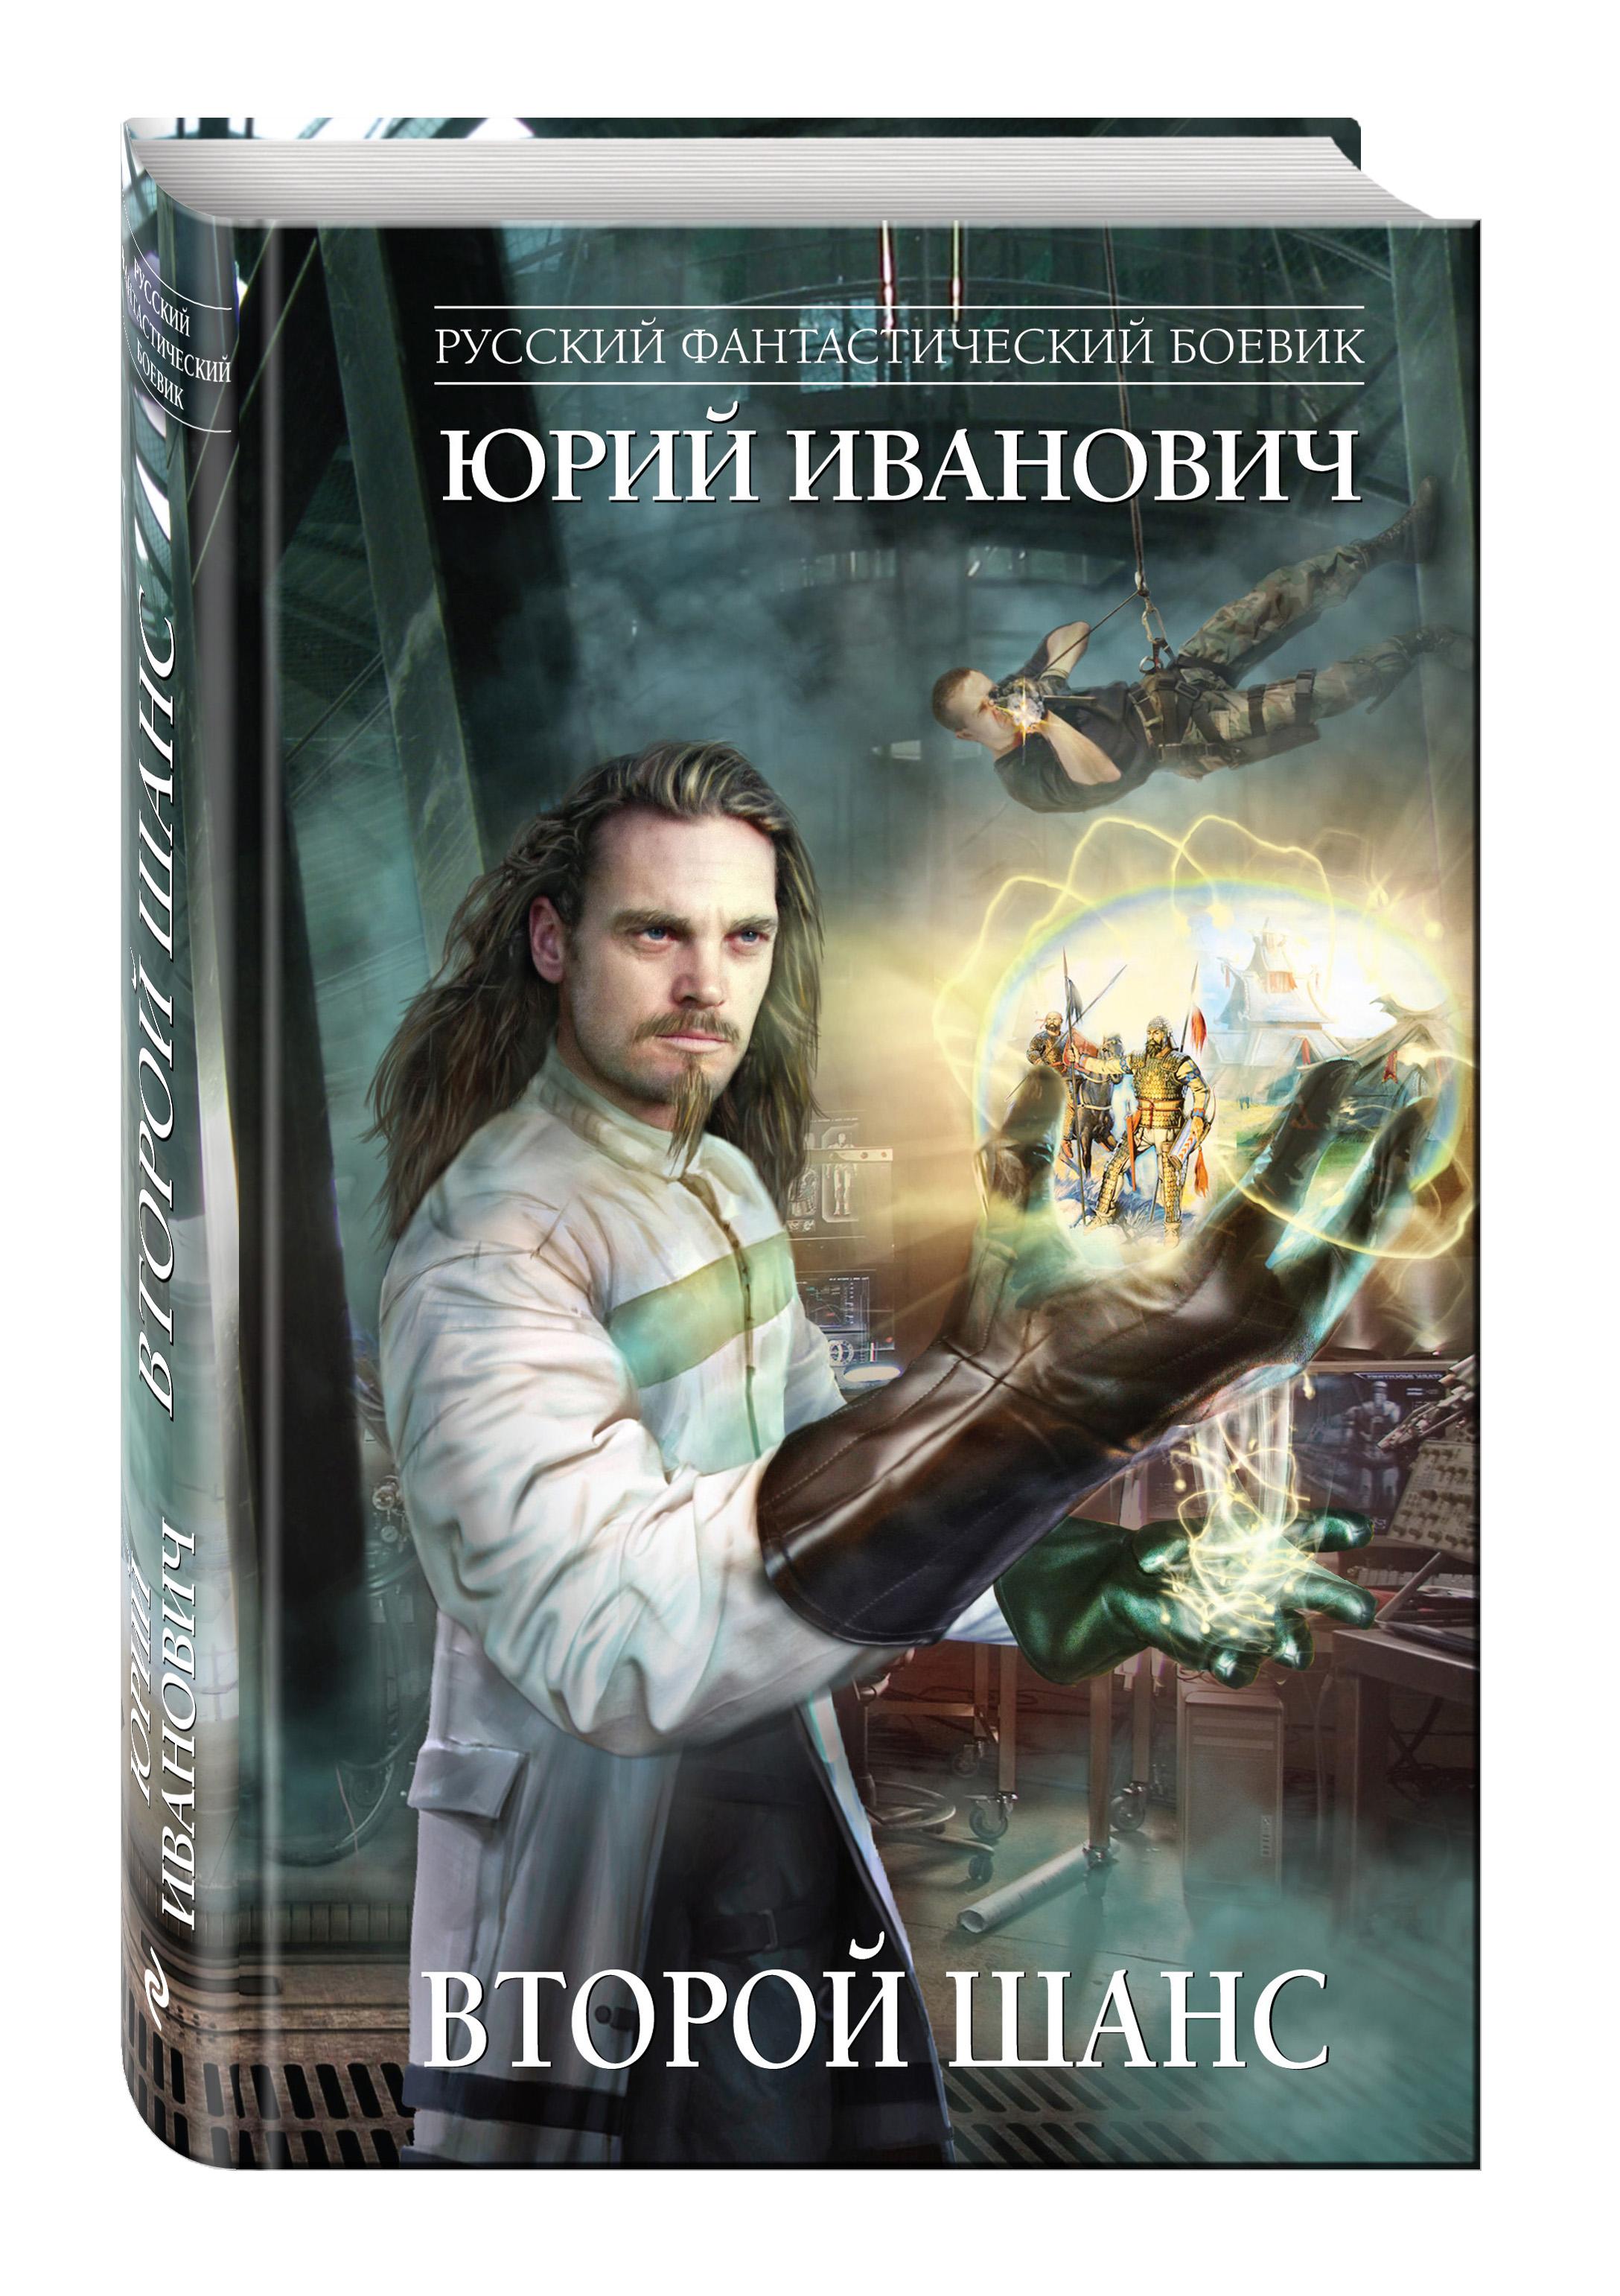 Юрий Иванович Второй шанс